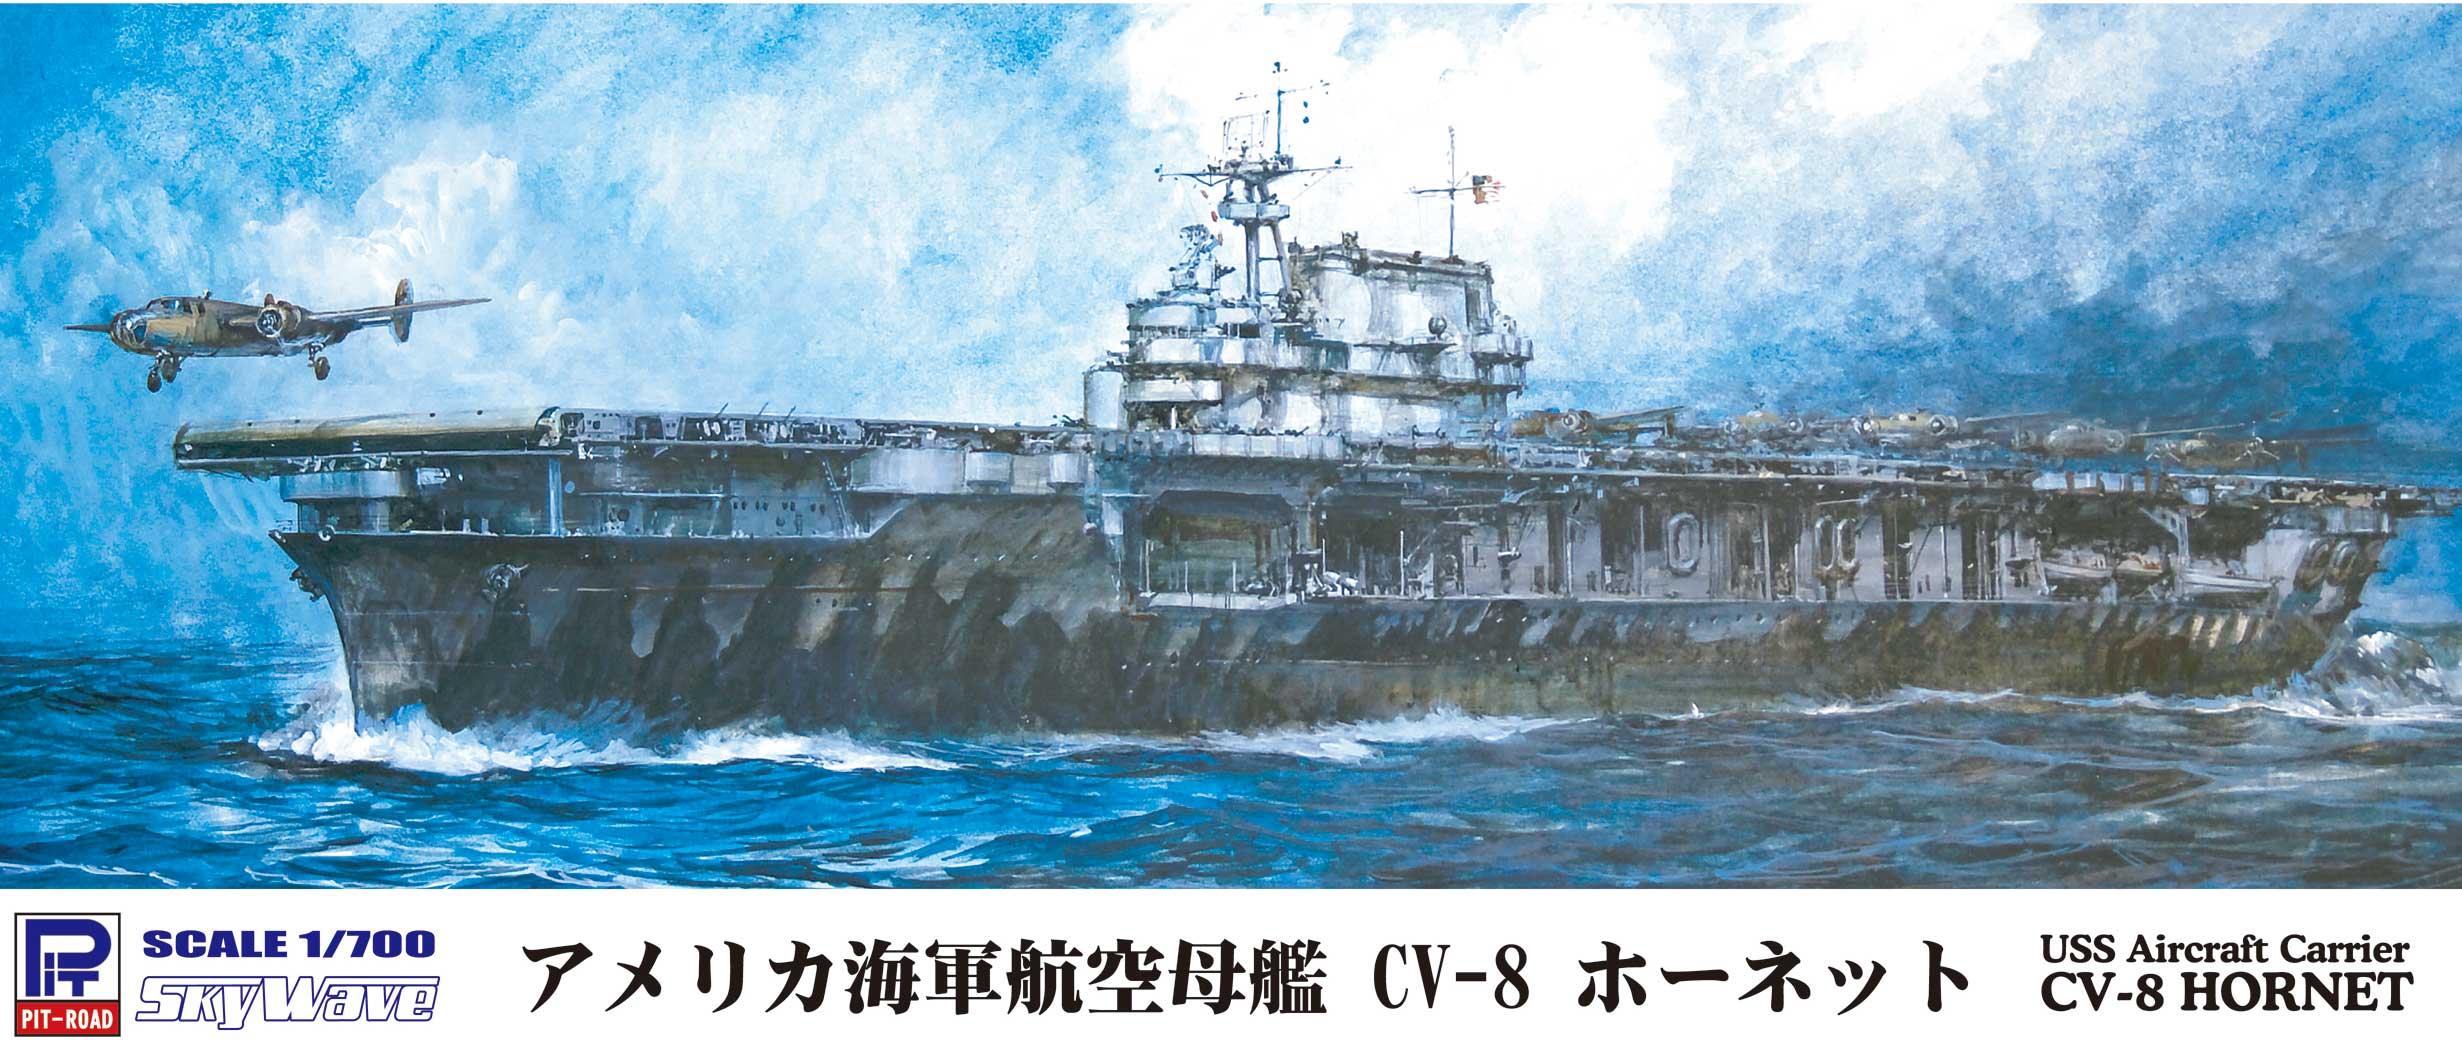 W207 1/700 アメリカ海軍 空母 CV-8 ホーネット